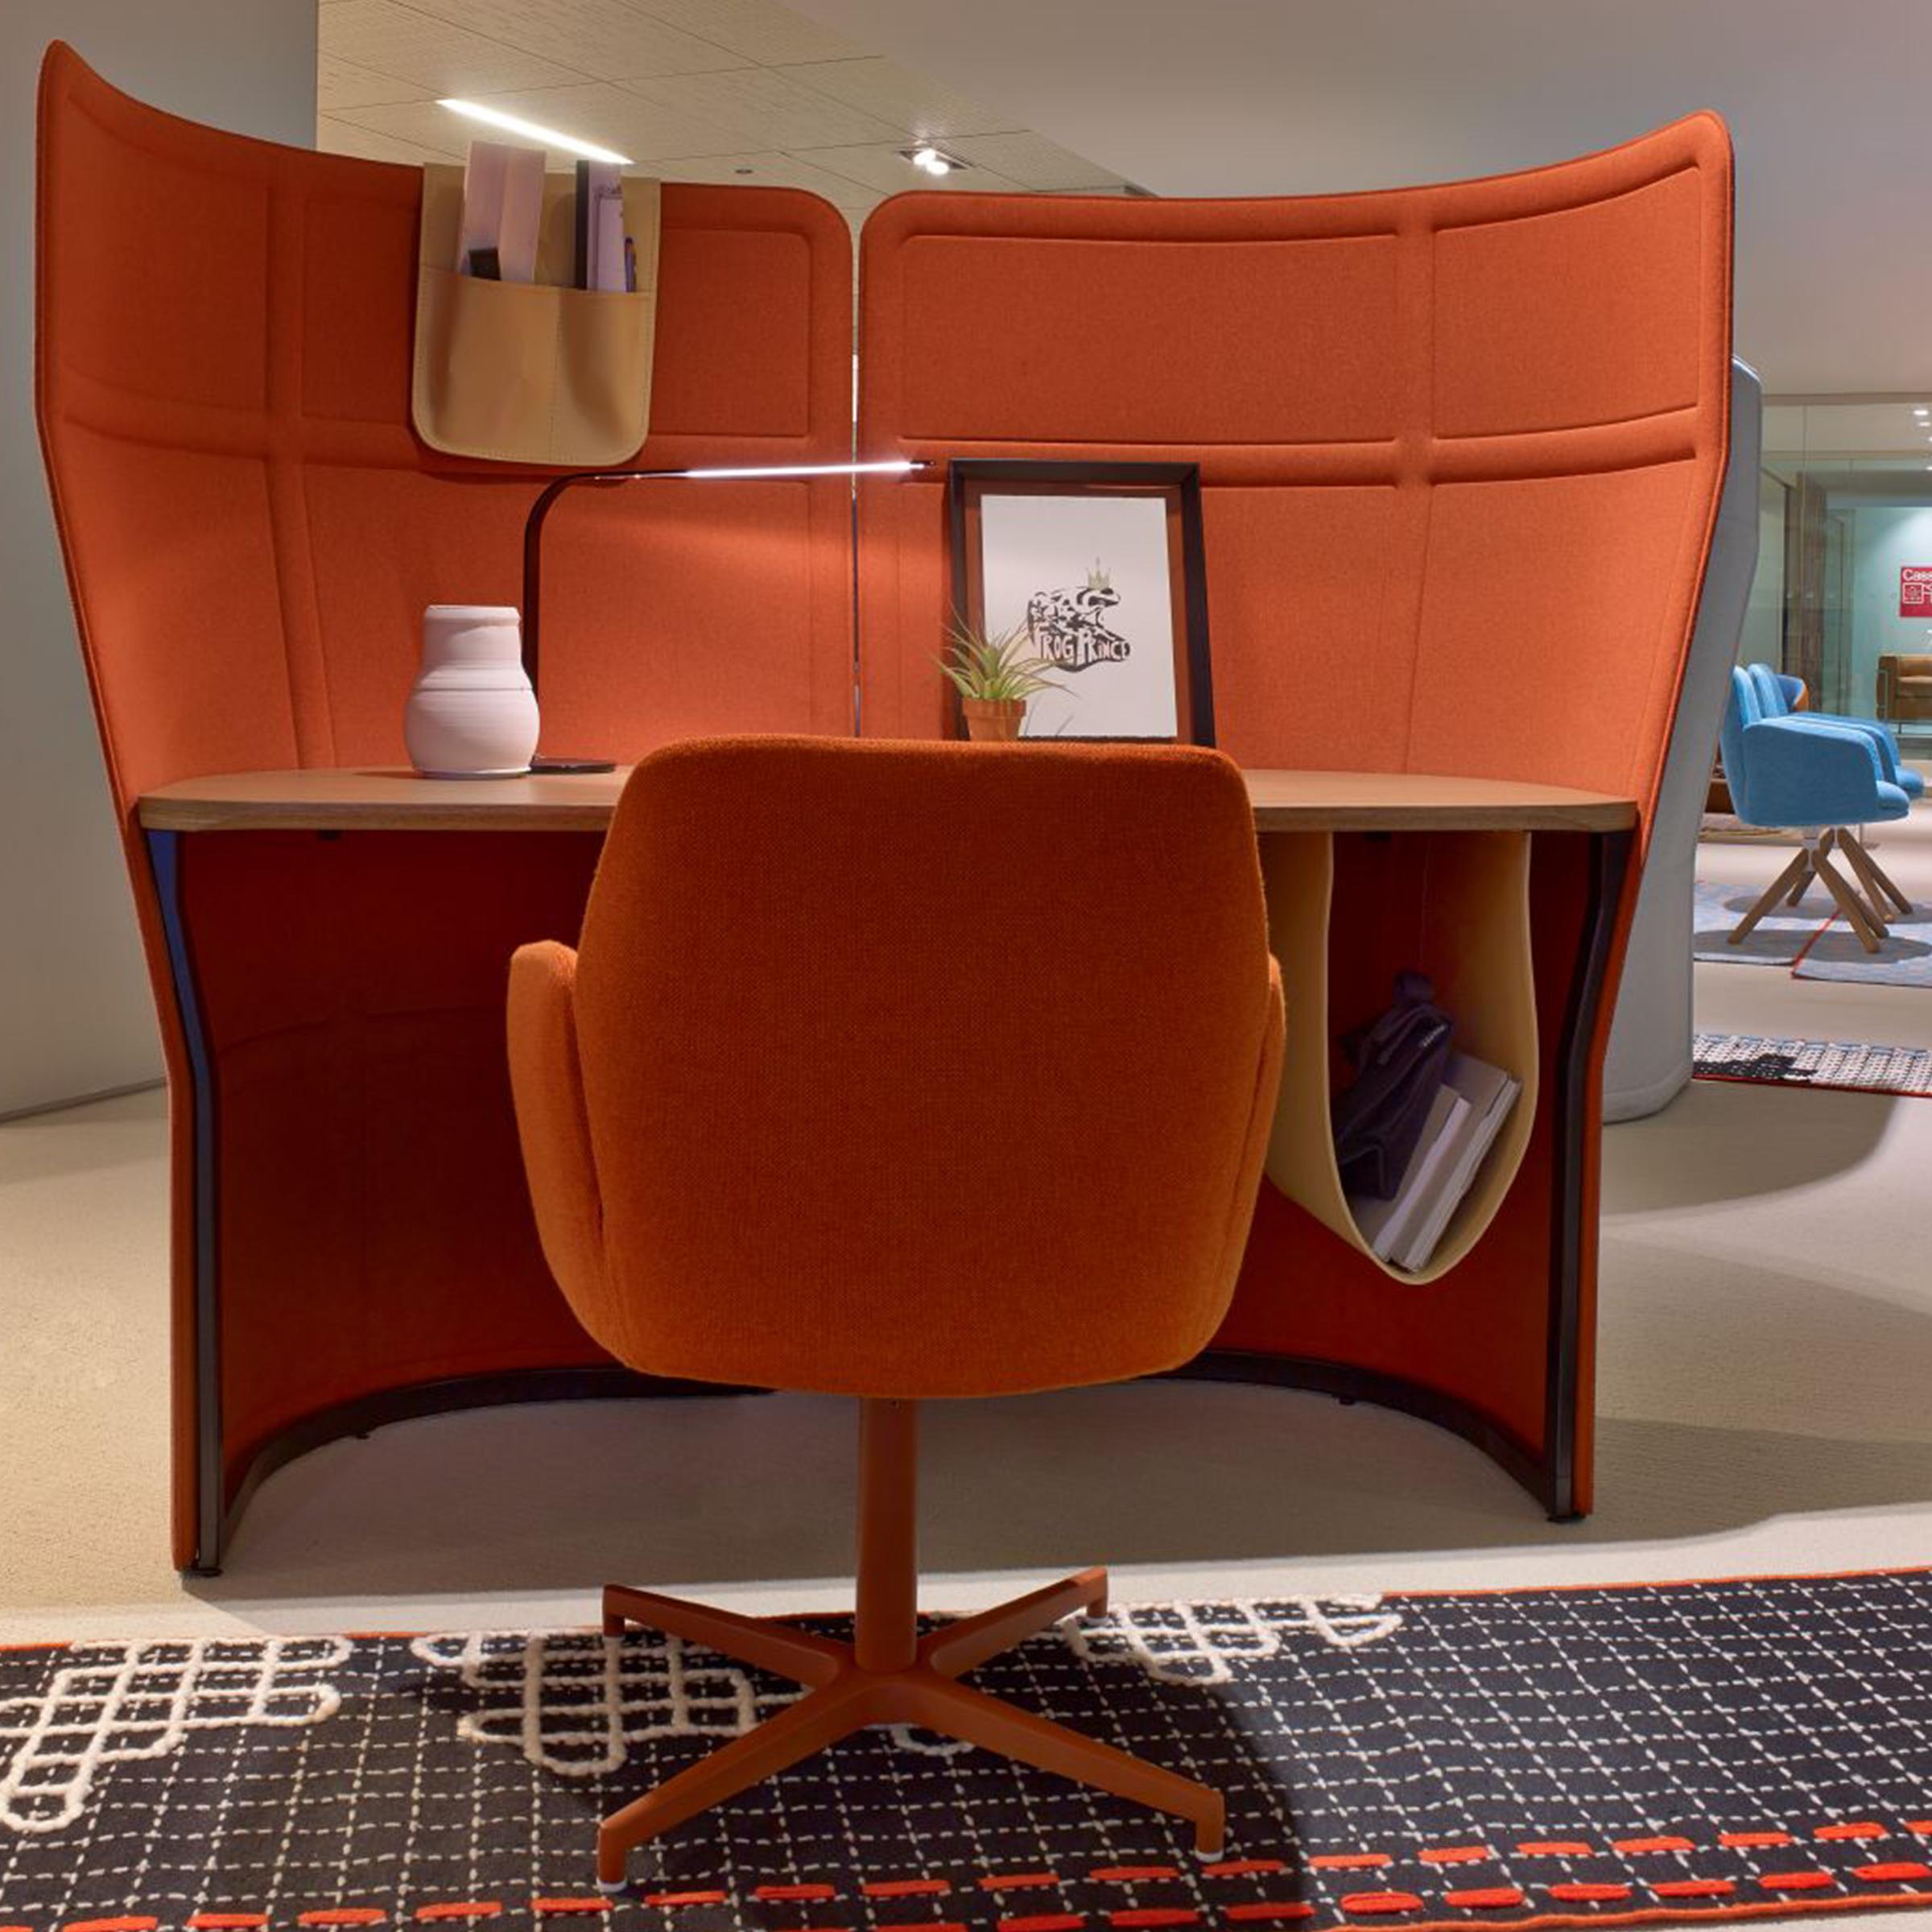 Designapplause Openest Collection Patricia Urquiola